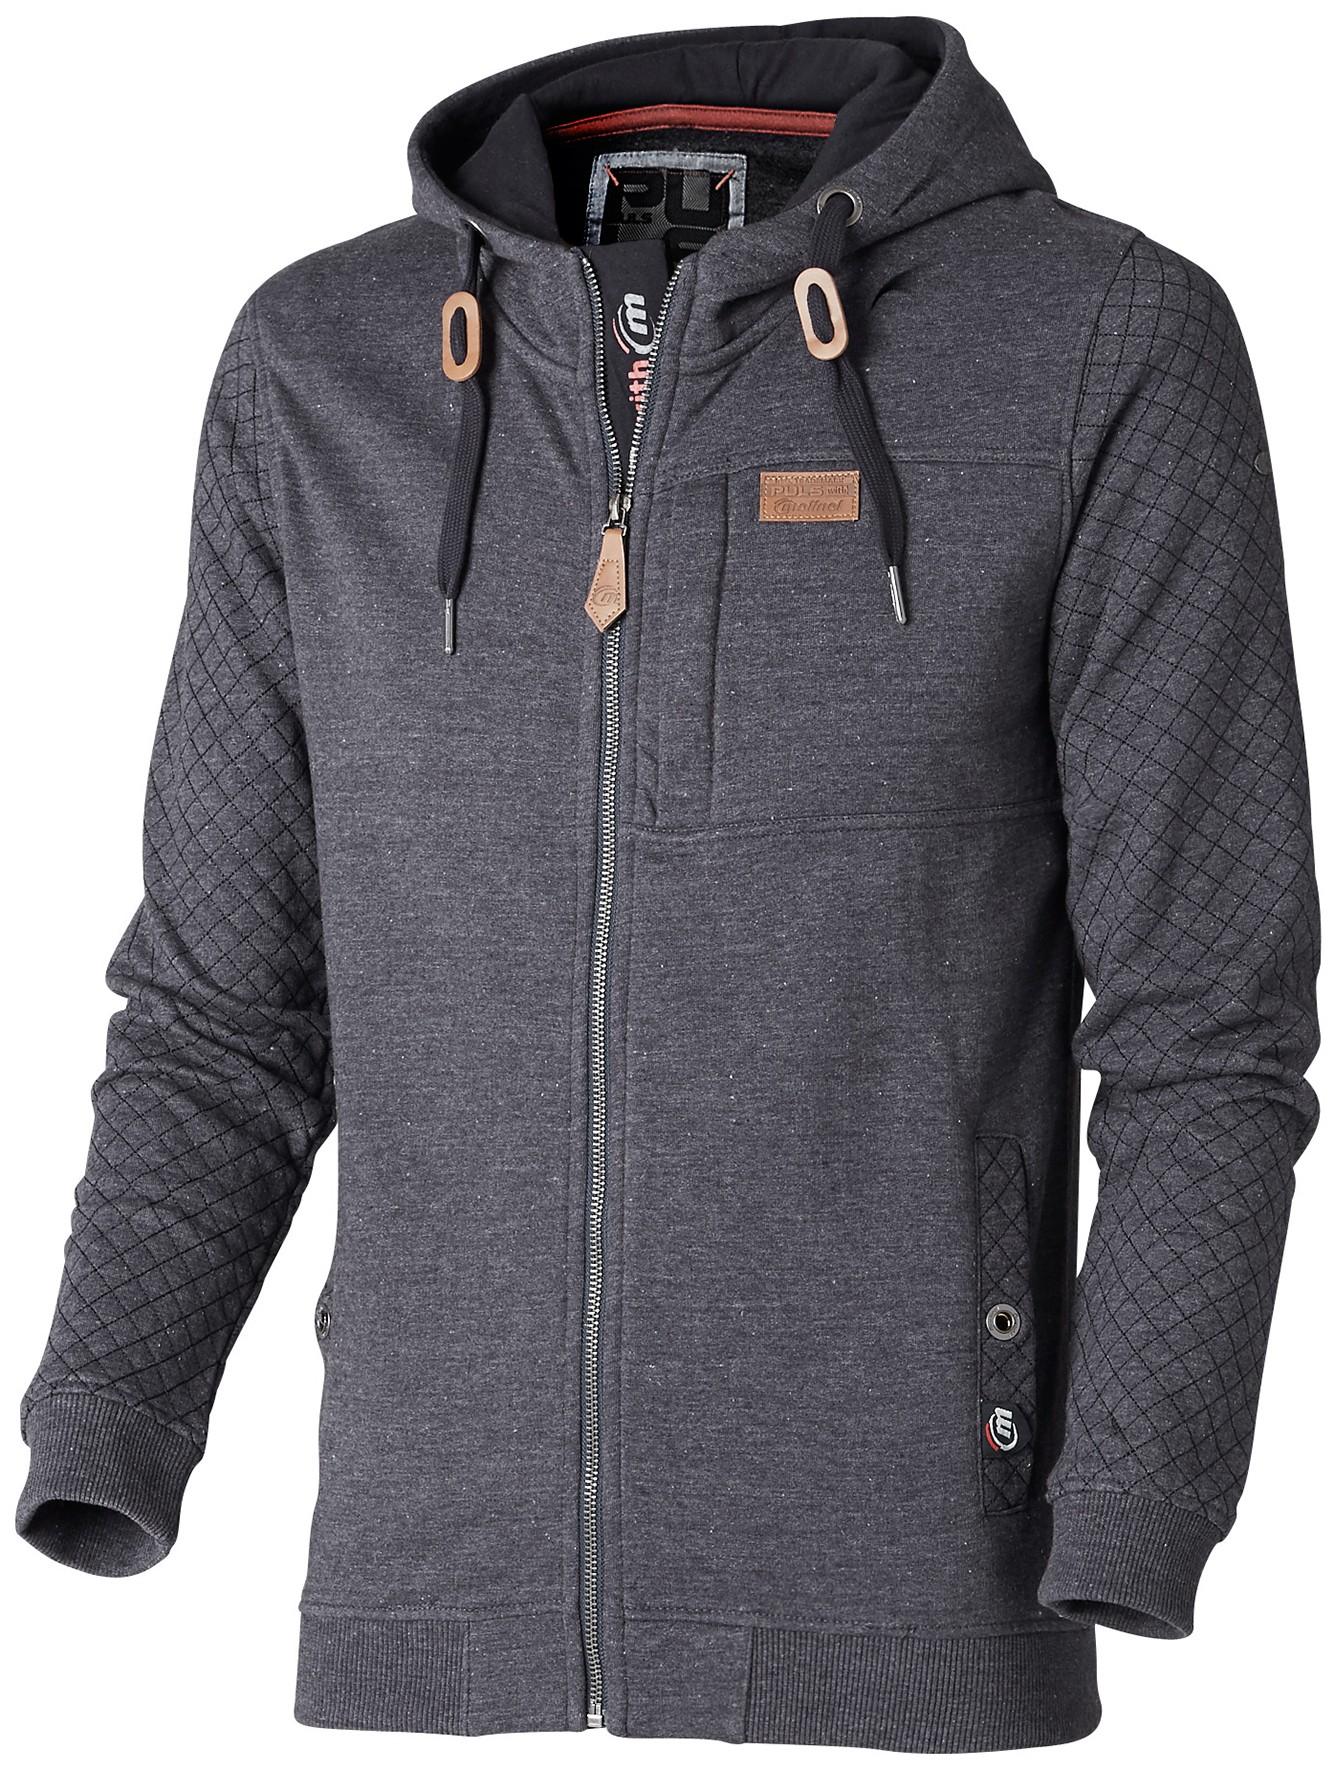 Sweat zippé capuche denim : vêtements professionnels Molinel